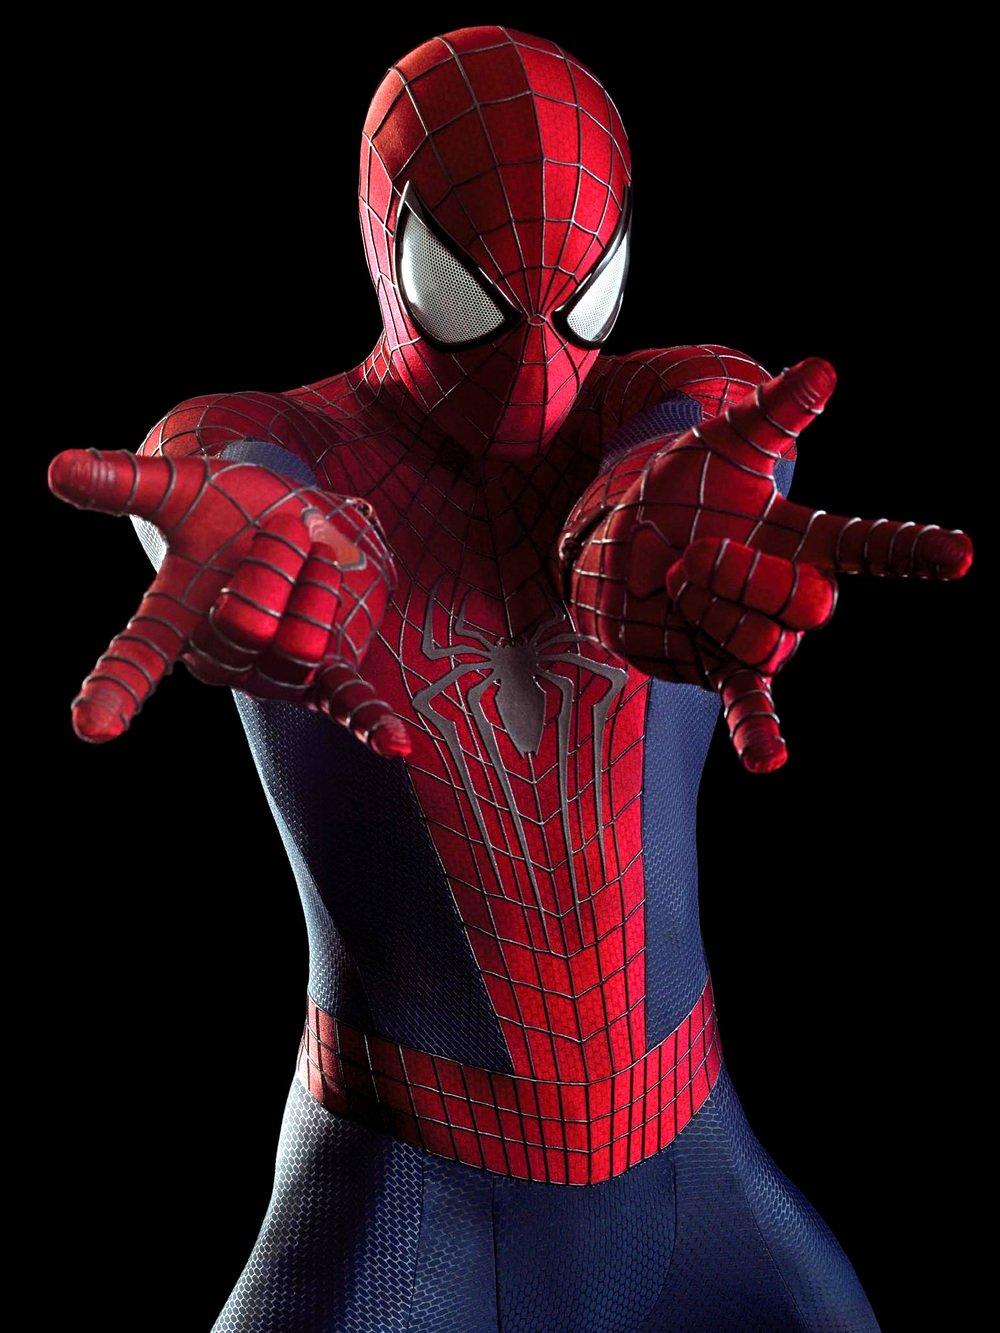 Сравниваем три киноверсии Человека-паука: Магуайр, Гарфилд, Холланд. - Изображение 13